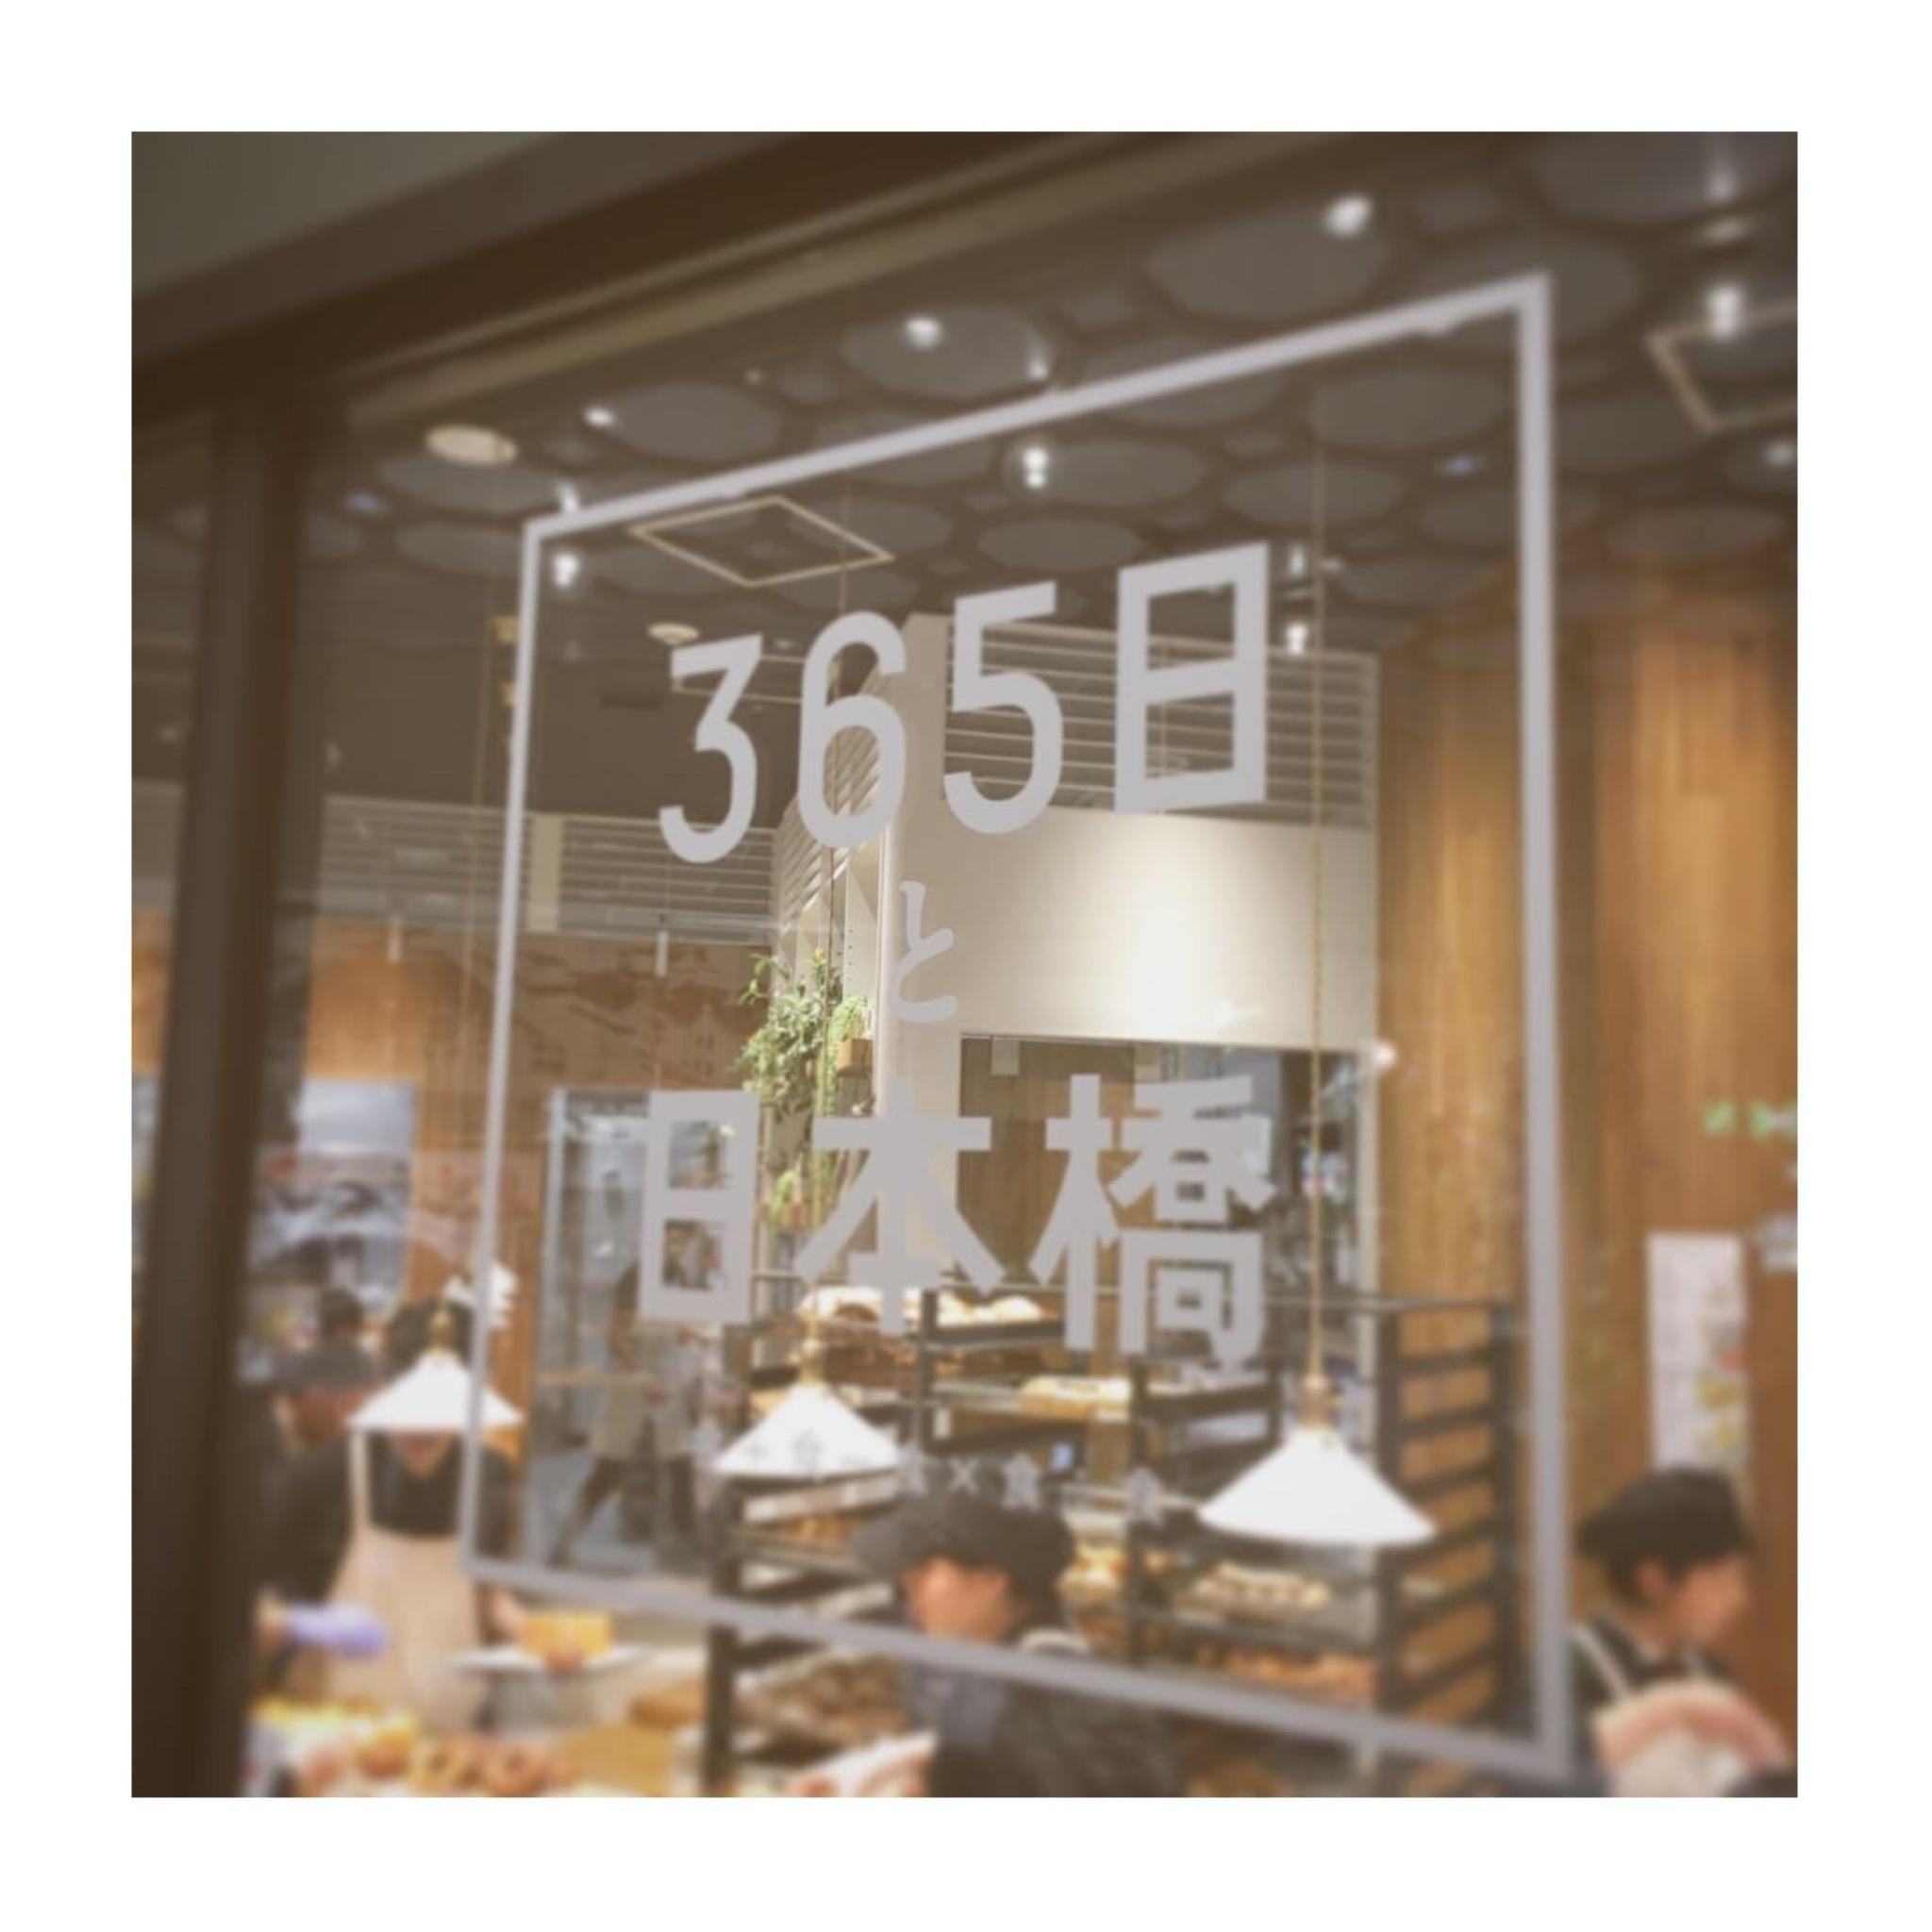 """《本日9/25ついにOPEN❤️》【東京•日本橋高島屋S.C.】行列必至!大注目の""""365日と日本橋""""に行ってきました✌︎❤︎_2"""